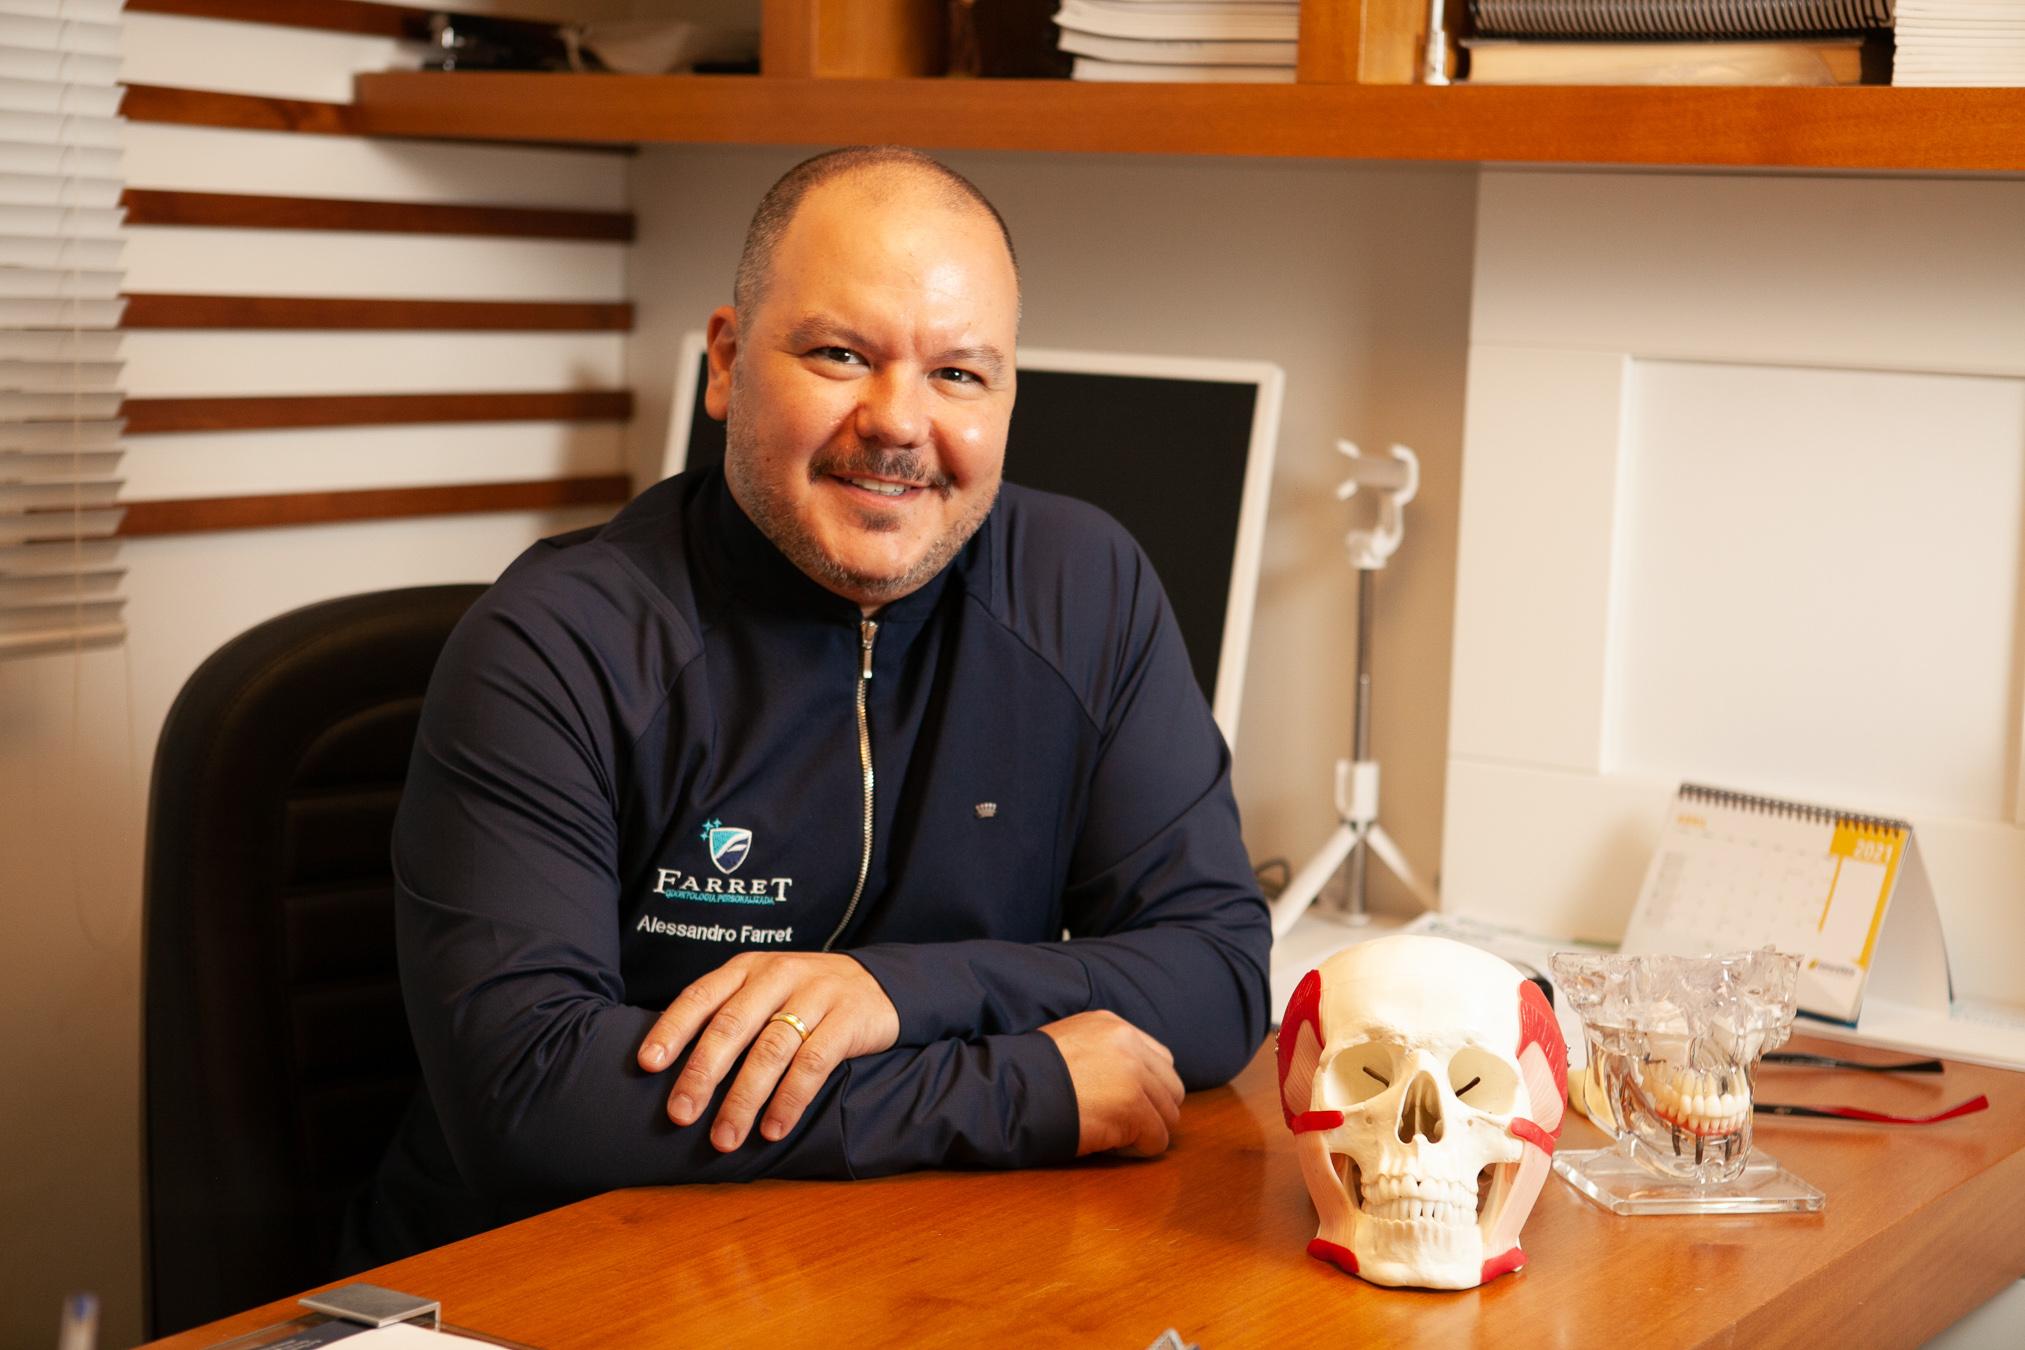 Dr. Alessandro Marchiori Farret